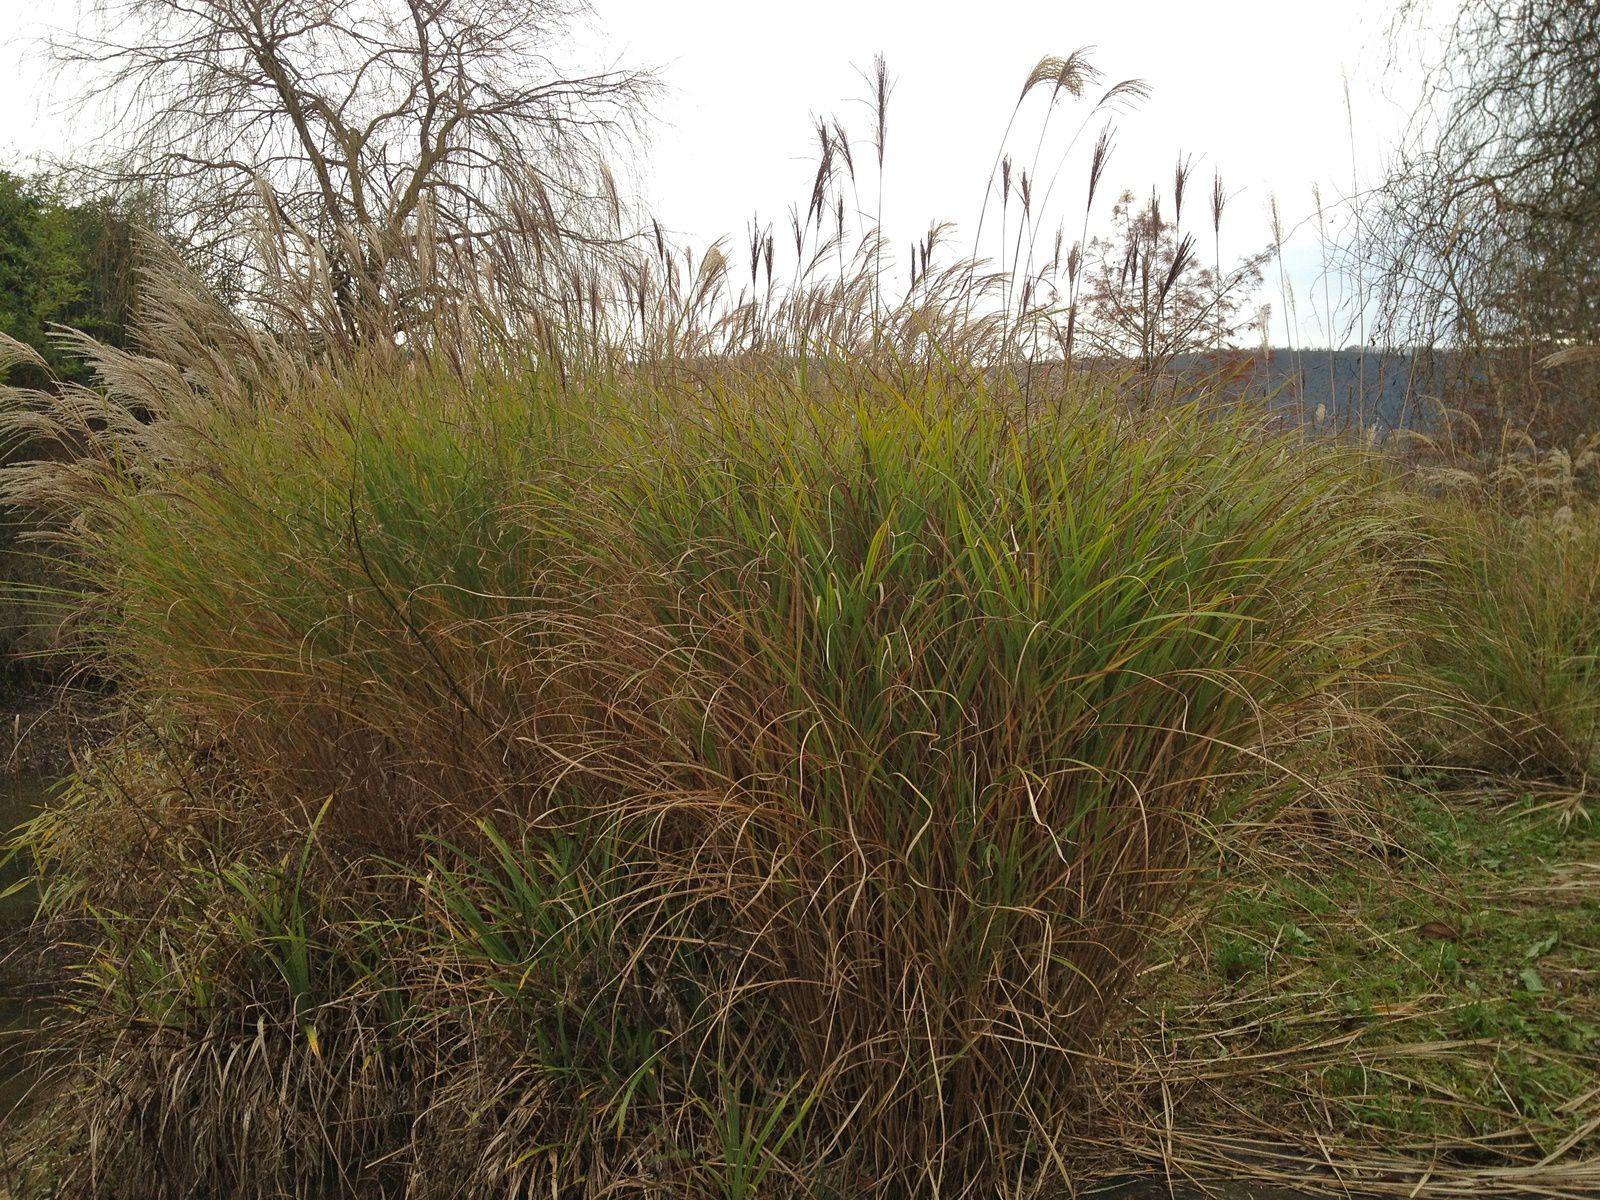 Miscanthus sinensis sur l'île.